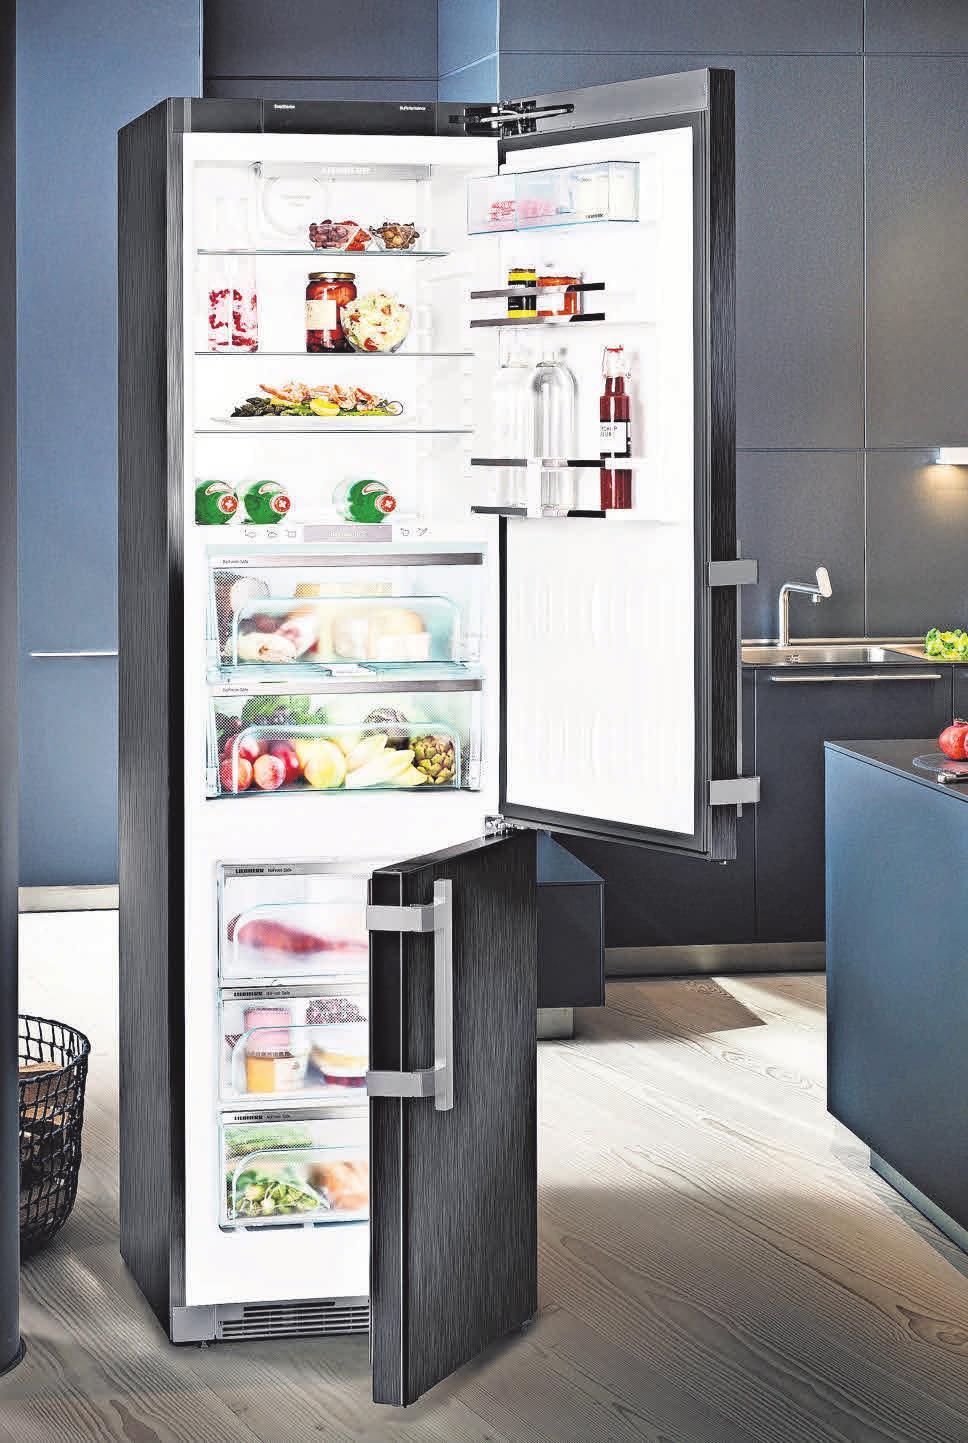 CBNbs 4878 Premium-Kühl-Gefrier-Kombination: Sparsam, energieeffizientmit BioFresh und NoFrost-Technologie für längere und schonendere Lagerung von Lebensmitteln .